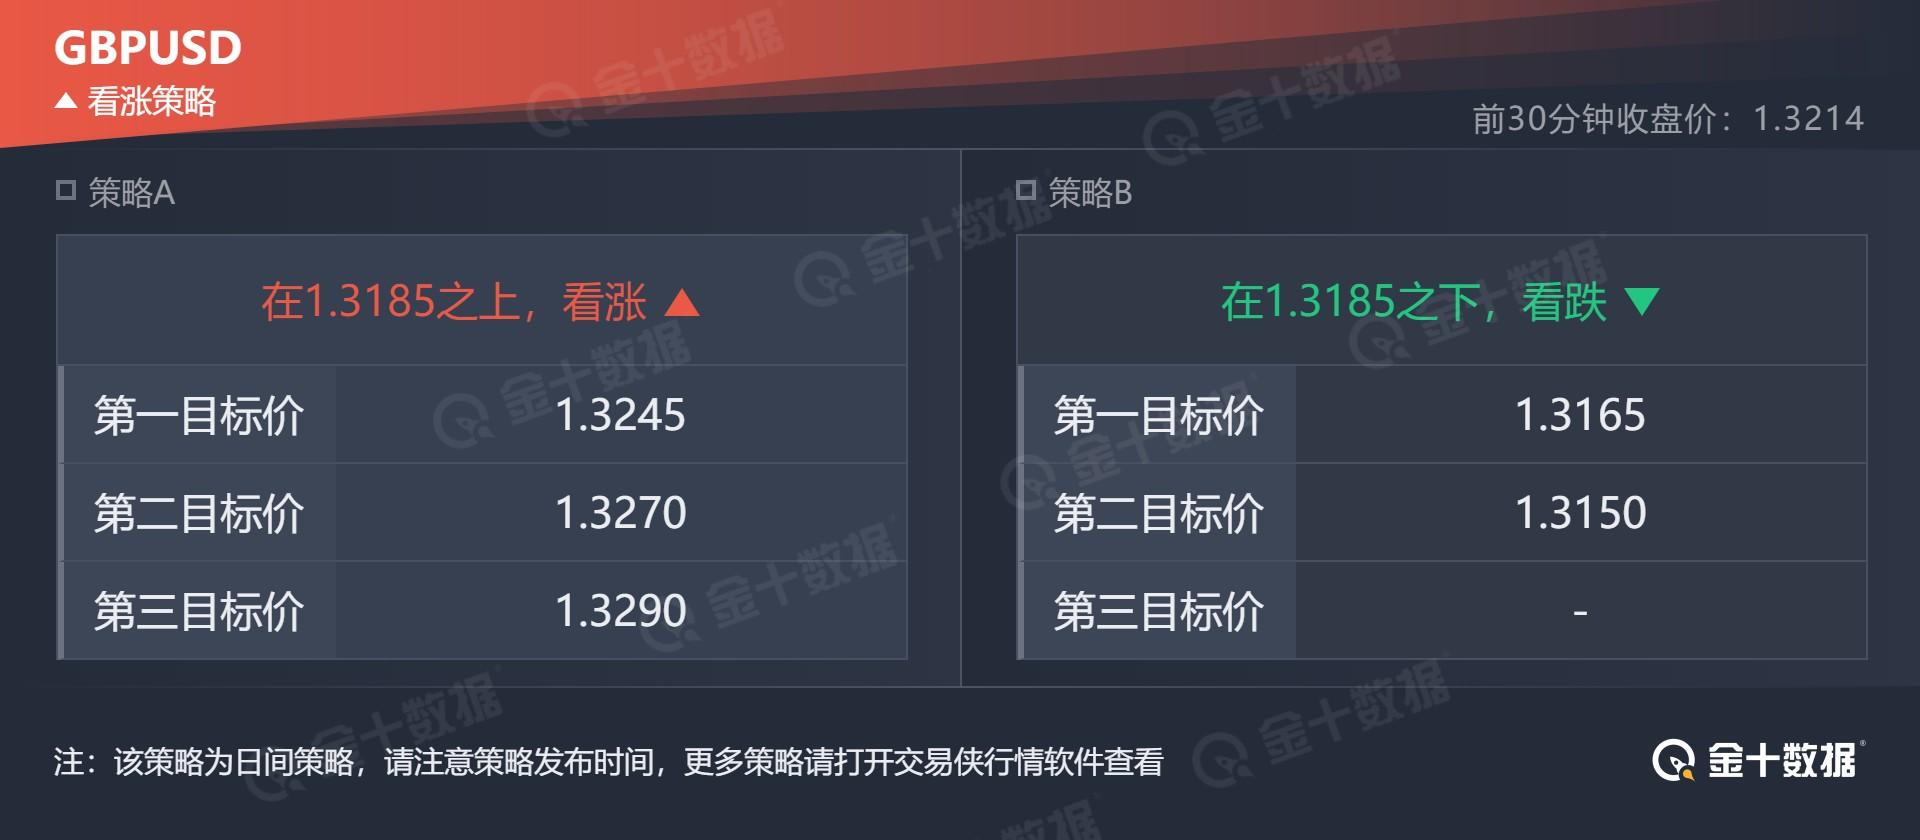 技术刘:现货黄金1879获支撑 镑美下方支撑密集